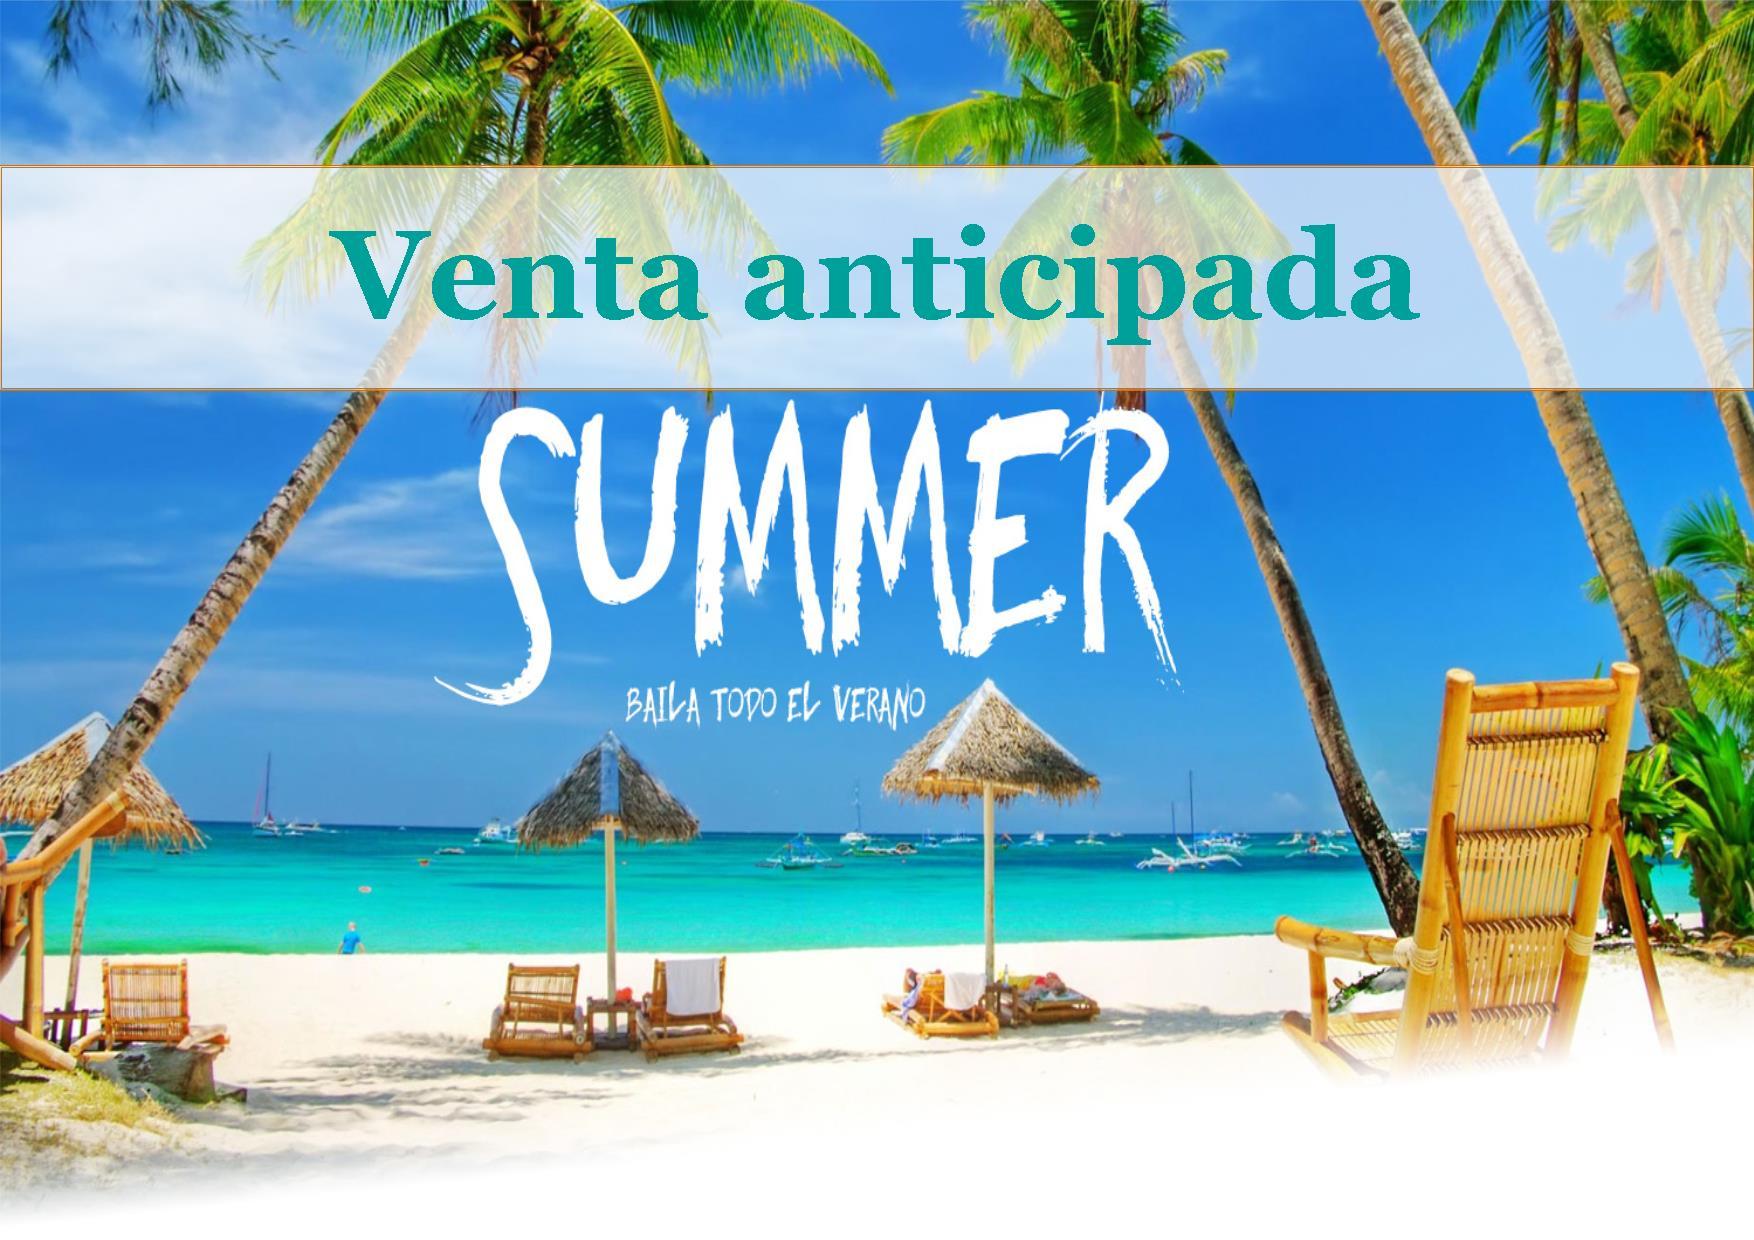 Venta anticipada verano. Caribe e Islas. España.